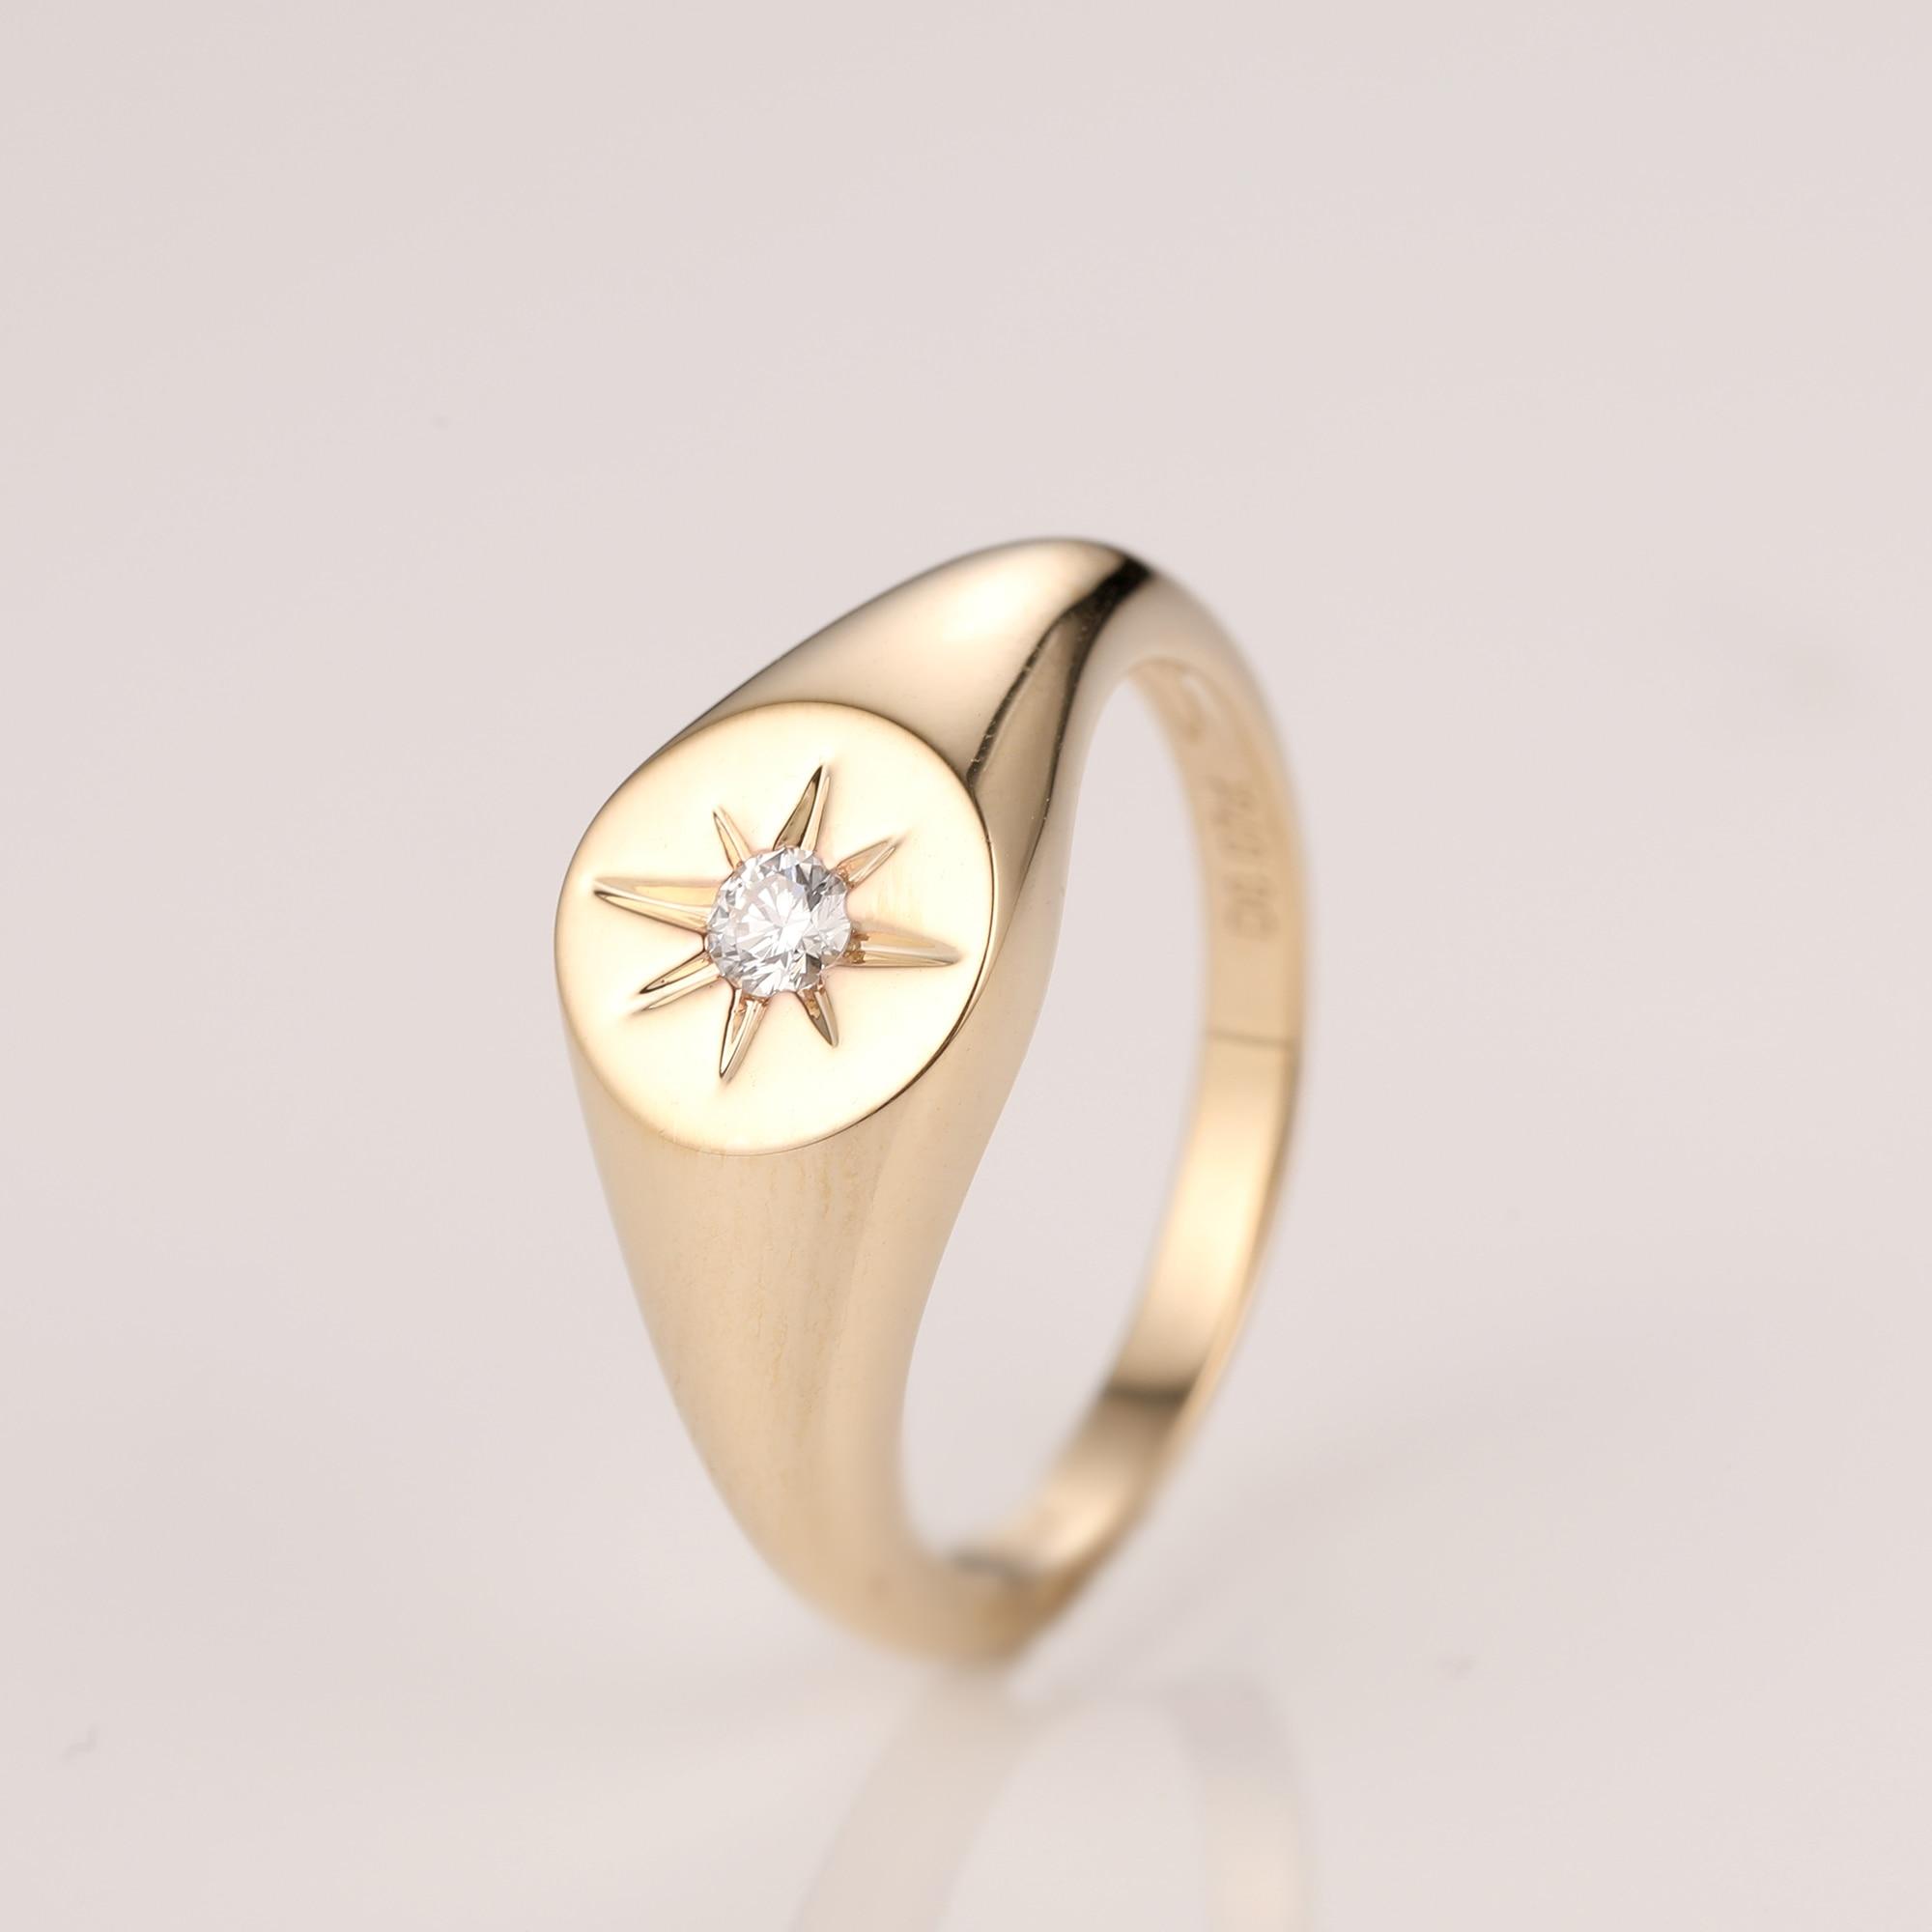 LASAMERO taille ronde Solitaire 0.07CT pavé serti diamant naturel 14k or Rock Punk bague ethnique chevalière bague pour hommes